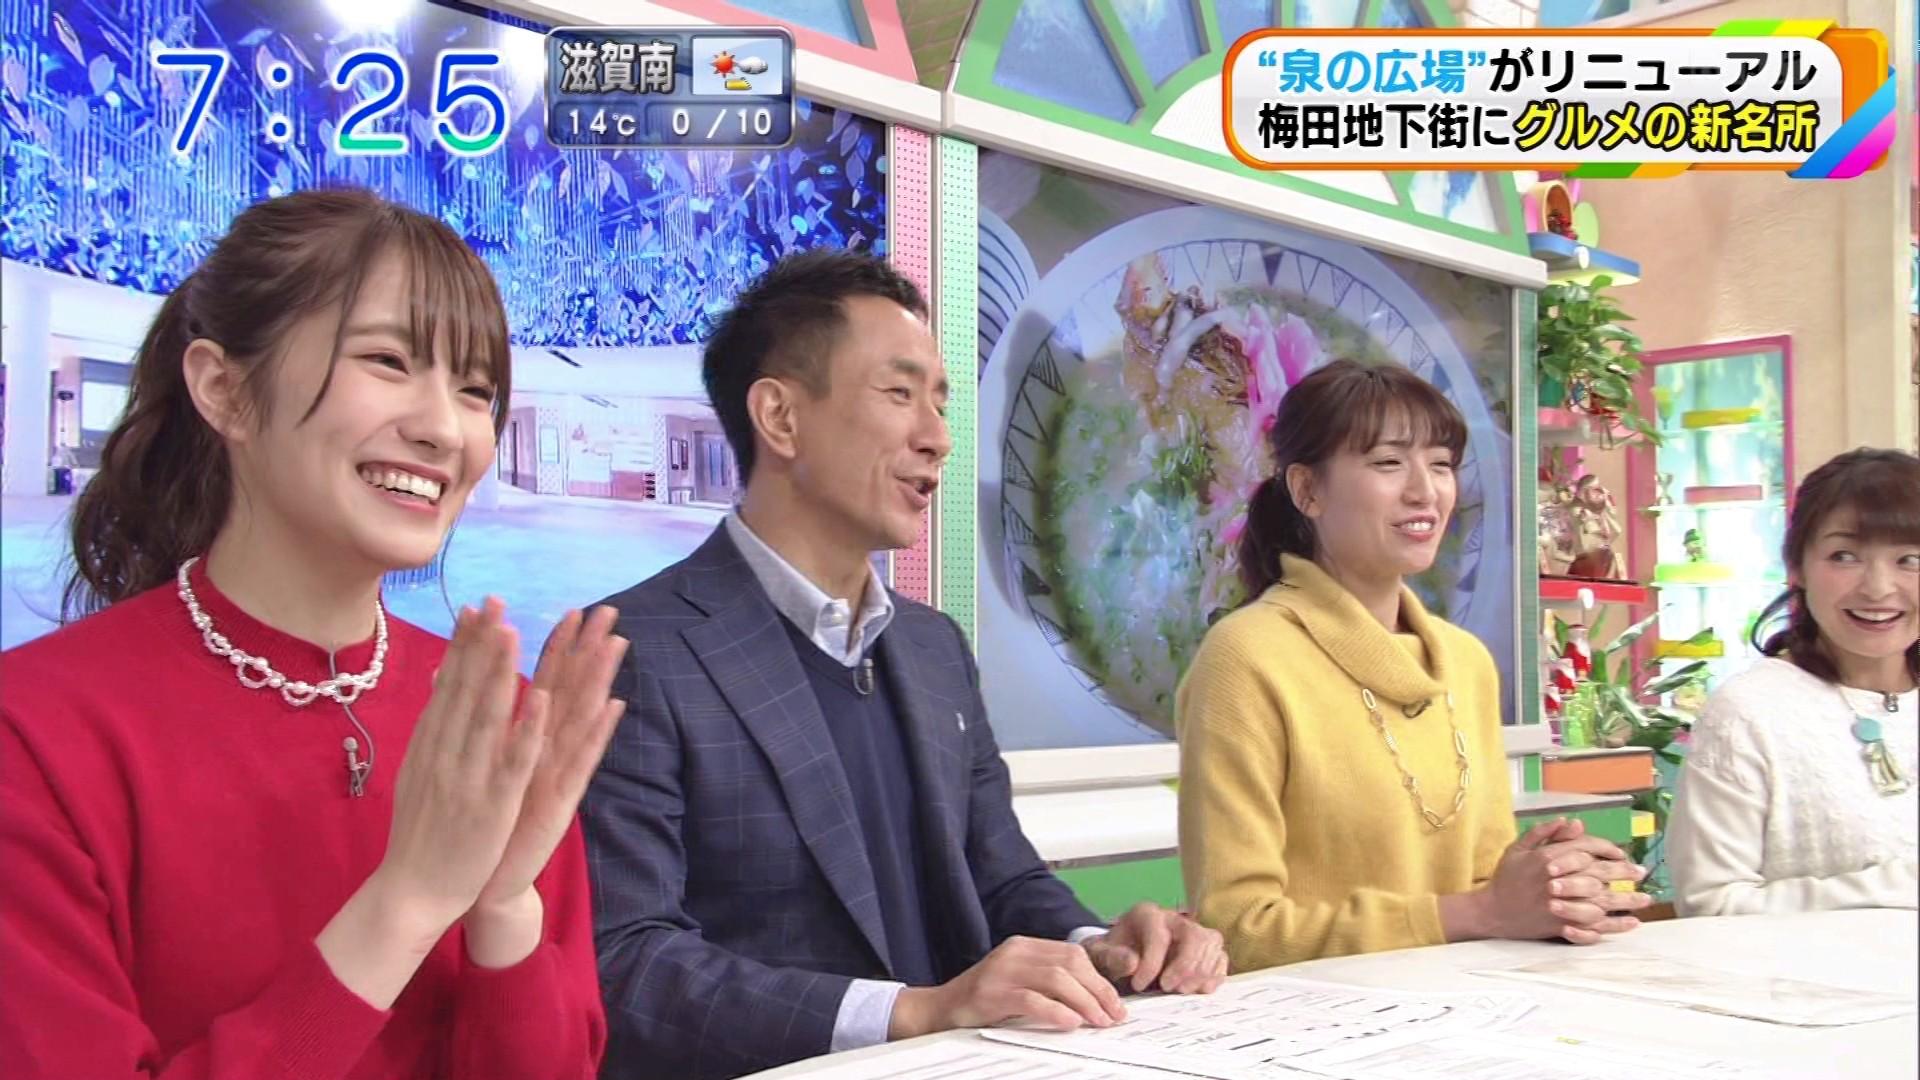 【小嶋花梨】こじりんが出演した12月11日に放送された「おはよう朝日です」の画像。